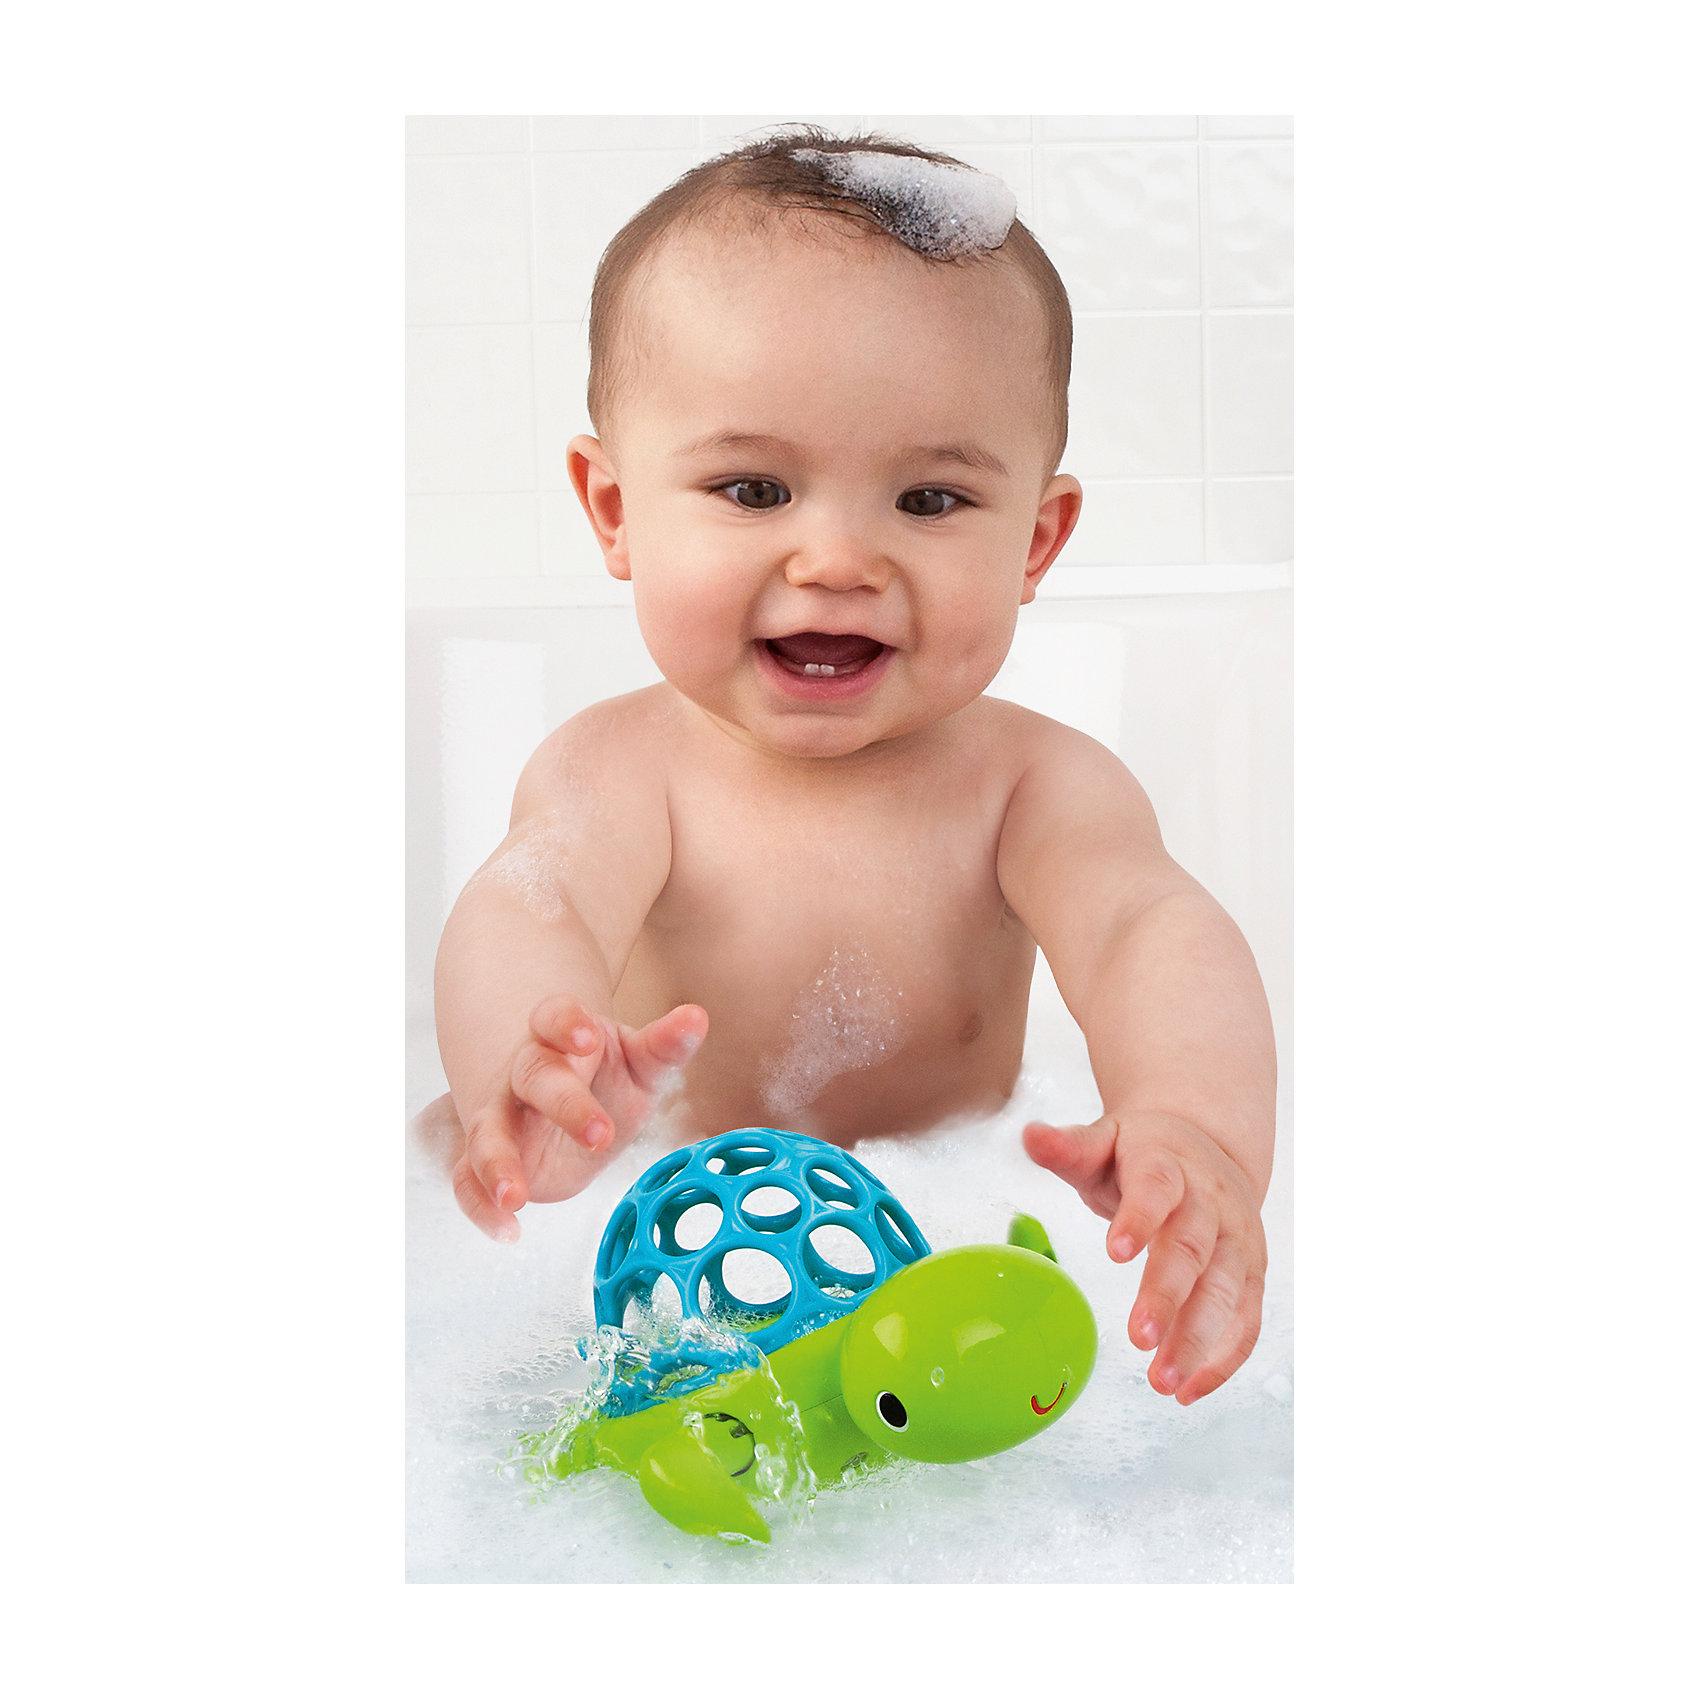 RU Игрушка для ванны Oball  «Черепашка»Динамические игрушки<br>Игрушка для ванны Черепашка, Oball - забавная яркая игрушка, которая развлечет малыша во время купания. Черепашка выполнена в яркой зеленой расцветке, мягкий голубой панцирь в форме мячика изготовлен из резины. Круглые отверстия разного размера предназначены для<br>развития тактильного восприятия у ребенка и позволяют ему легко захватывать игрушку рукой. Заведите черепашку с помощью передних лапок и она поплывет по волнам, радуя и забавляя ребенка. Игрушка не имеет острых углов, выполнена из нетоксичного пластика, безопасного<br>для здоровья ребенка. Развивает воображение, внимание, зрение, тактильные восприятие, мелкую и крупную моторику, а также координацию движений.<br><br>Дополнительная информация:<br><br>- Материал: пластик, резина.<br>- Размер игрушки: 13,2 x 8,9 x 8,9 см. <br>- Размер упаковки: 13 х 10 х 14 см. <br>- Вес: 60 гр.<br><br>Игрушку для ванны Черепашка, Oball, можно купить в нашем интернет-магазине.<br><br>Ширина мм: 205<br>Глубина мм: 154<br>Высота мм: 86<br>Вес г: 243<br>Возраст от месяцев: 0<br>Возраст до месяцев: 36<br>Пол: Унисекс<br>Возраст: Детский<br>SKU: 4222560